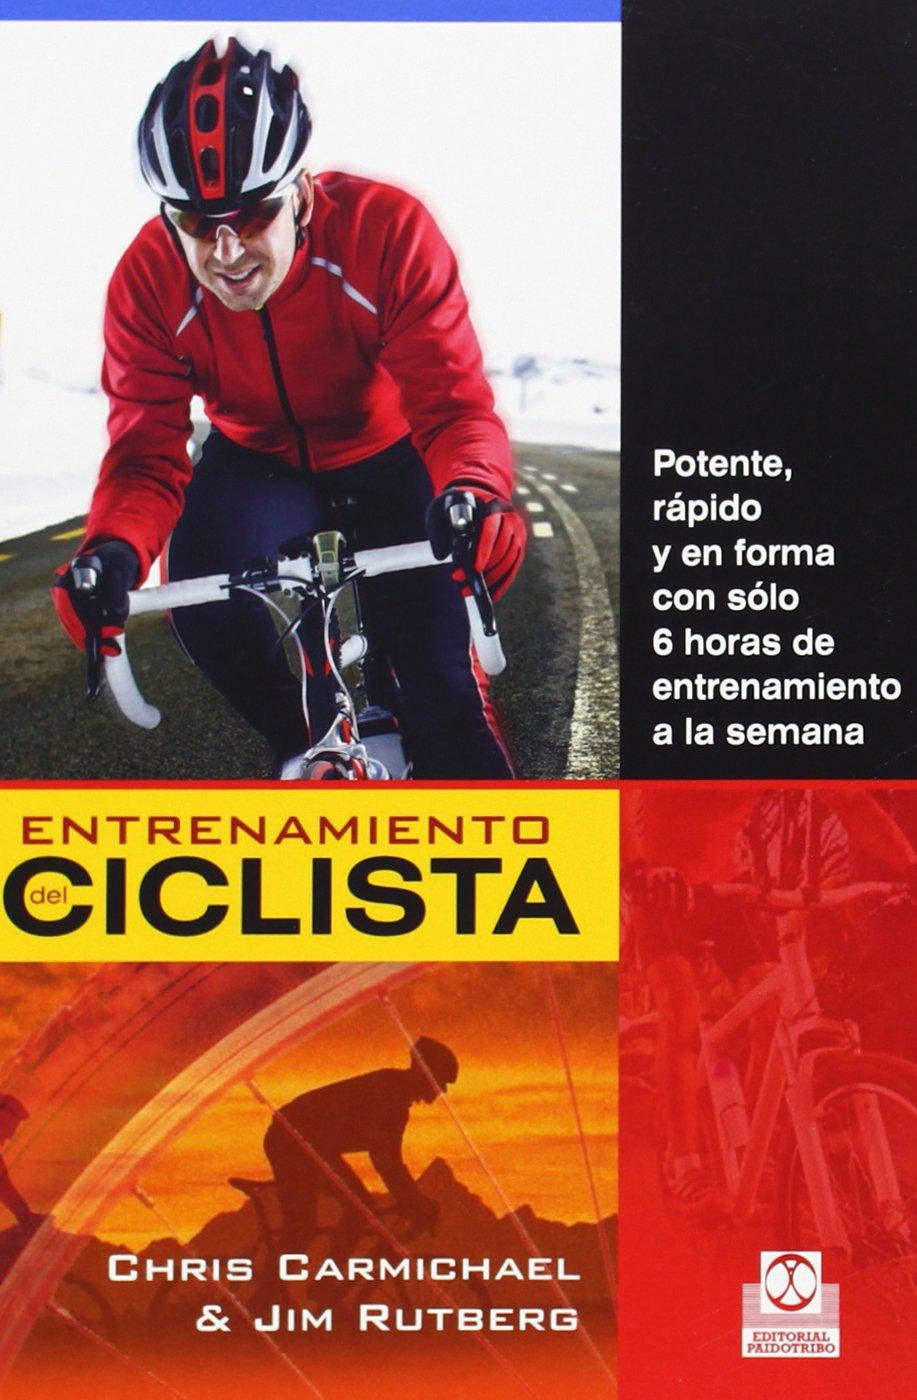 715mMD4JlhL - Libros de Ciclismo